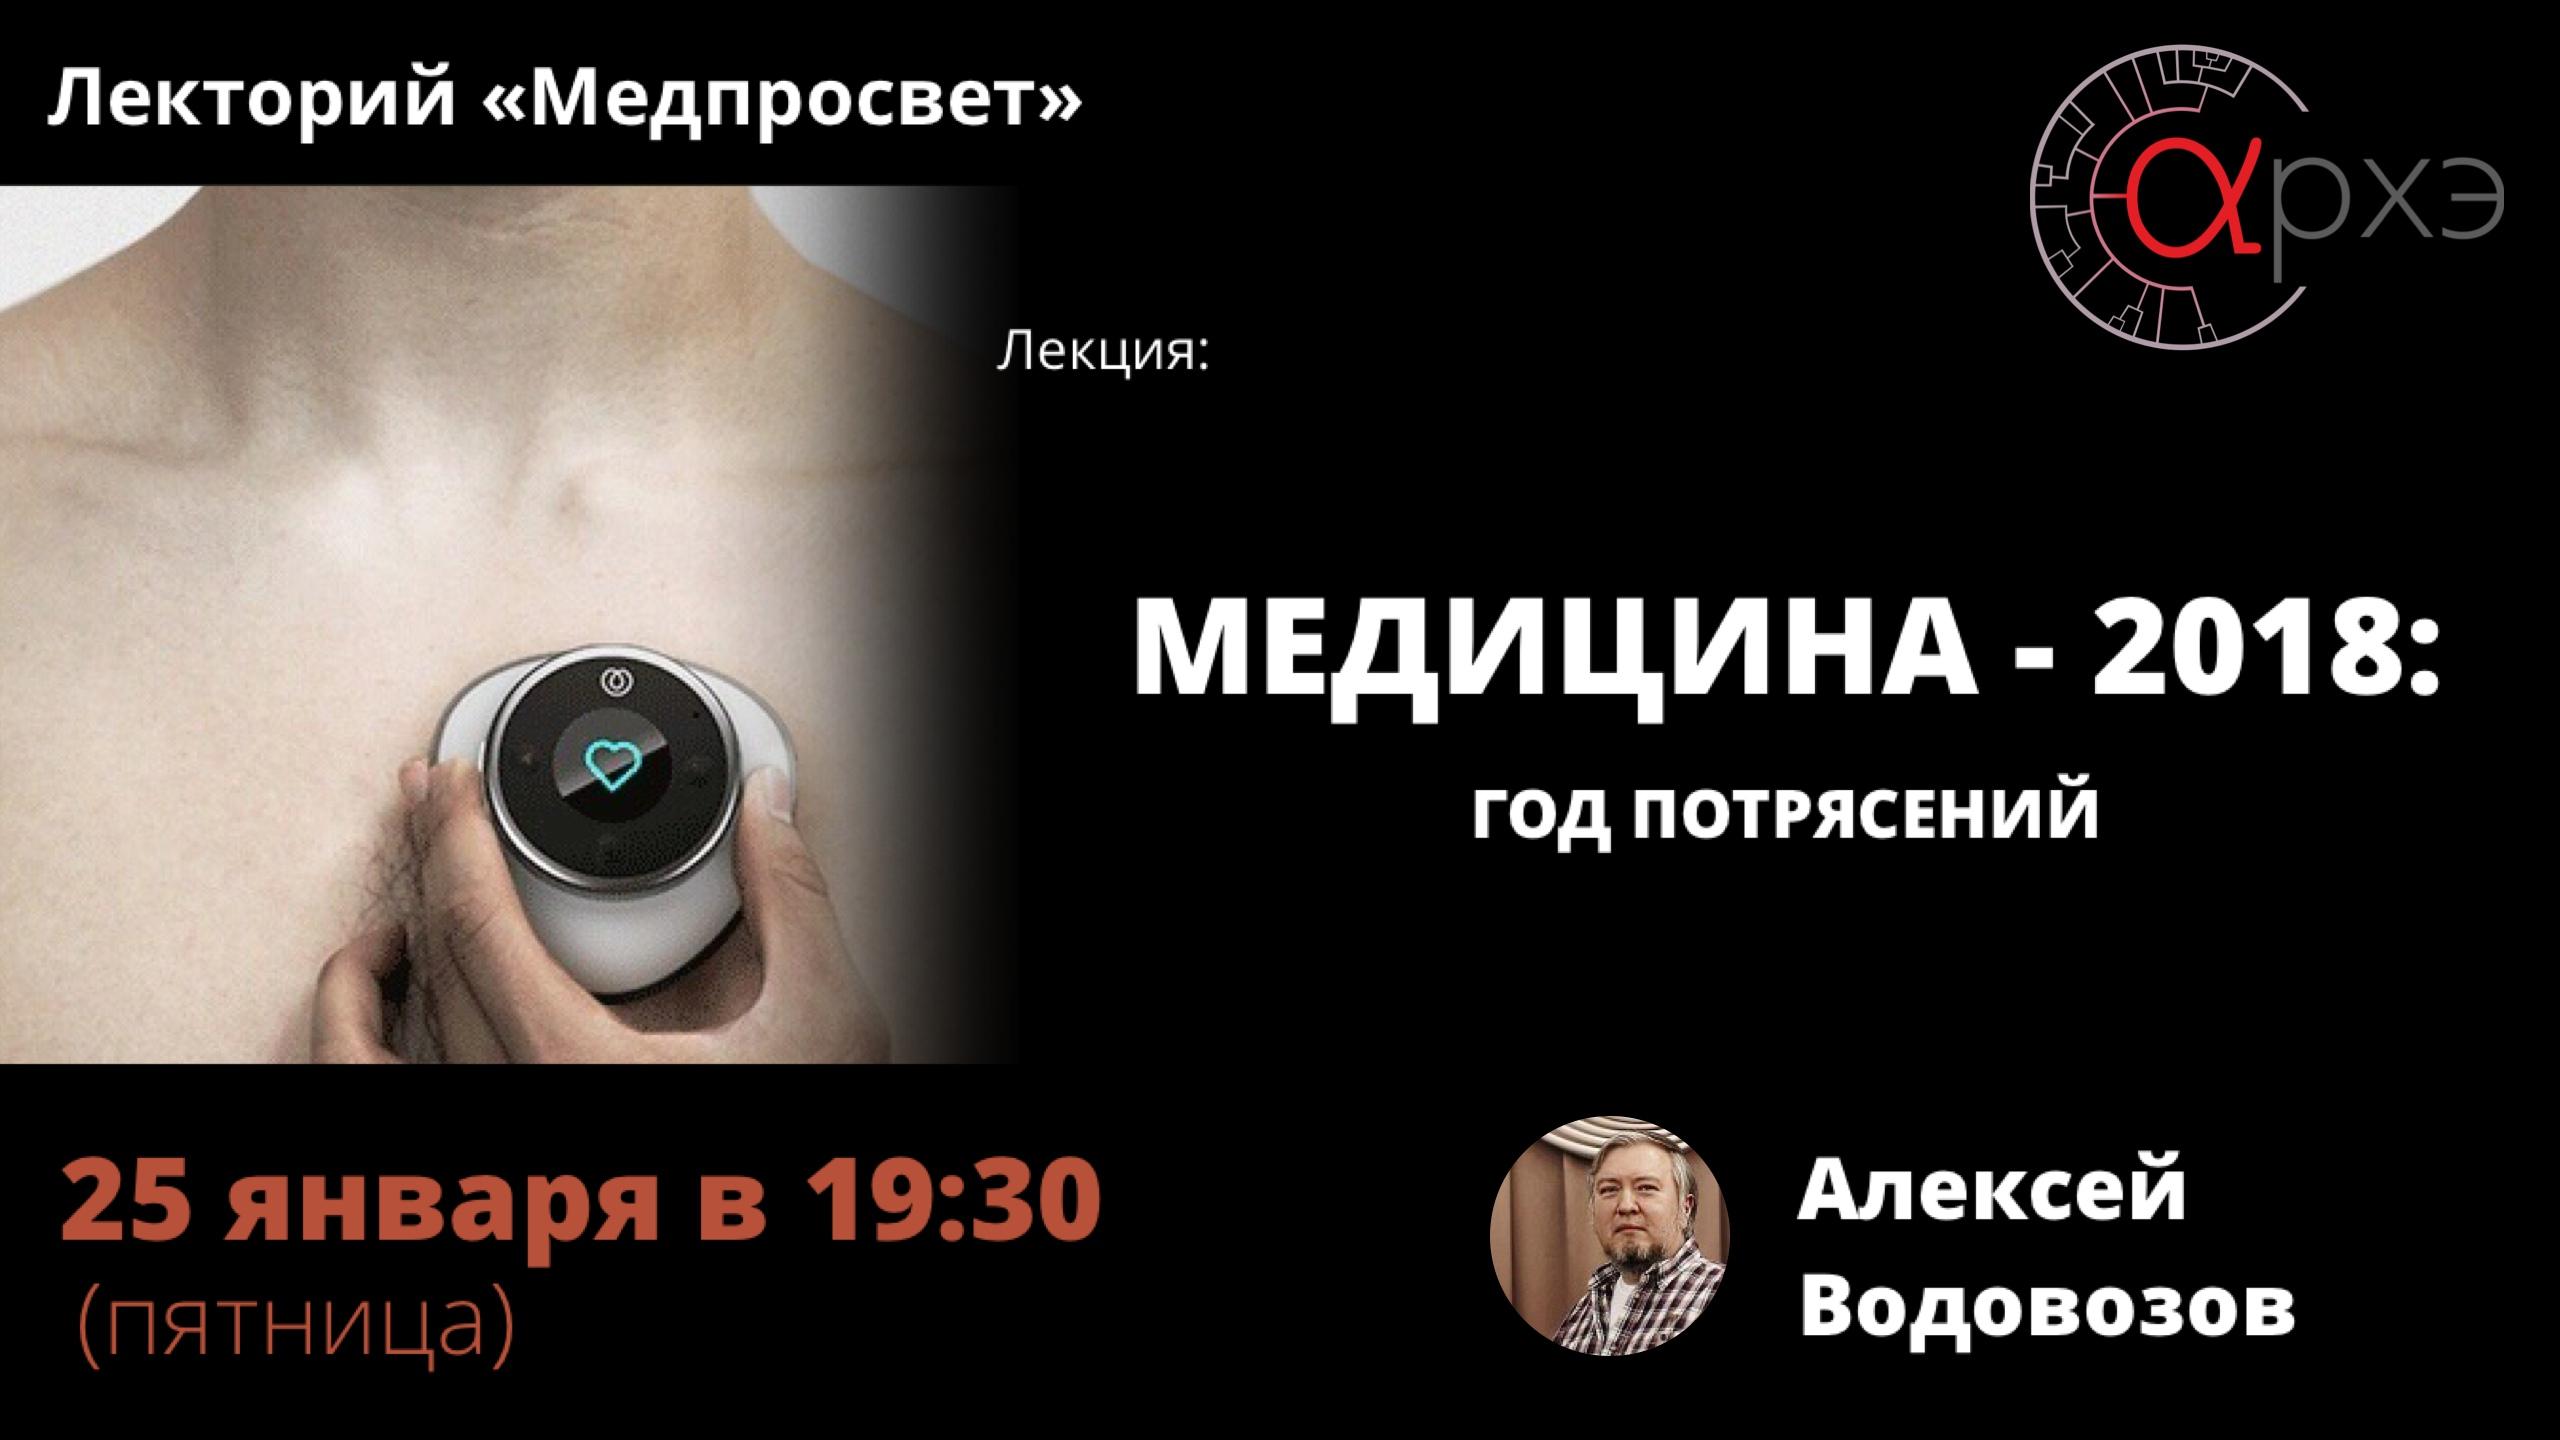 «Медпросвет» Алексея Водовозова. Итоги 2018 года.